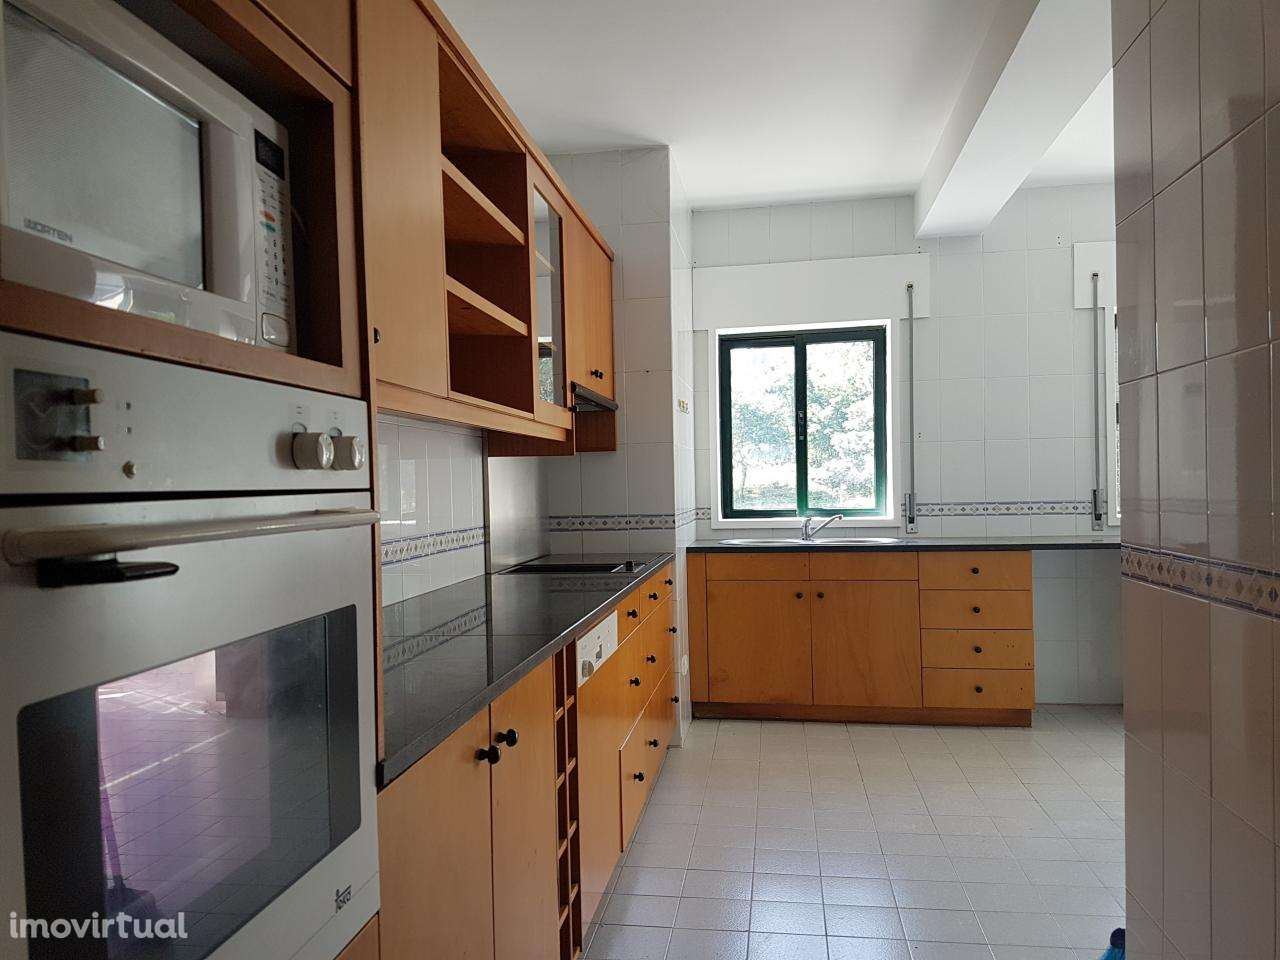 Apartamento para comprar, Bem Viver, Marco de Canaveses, Porto - Foto 2